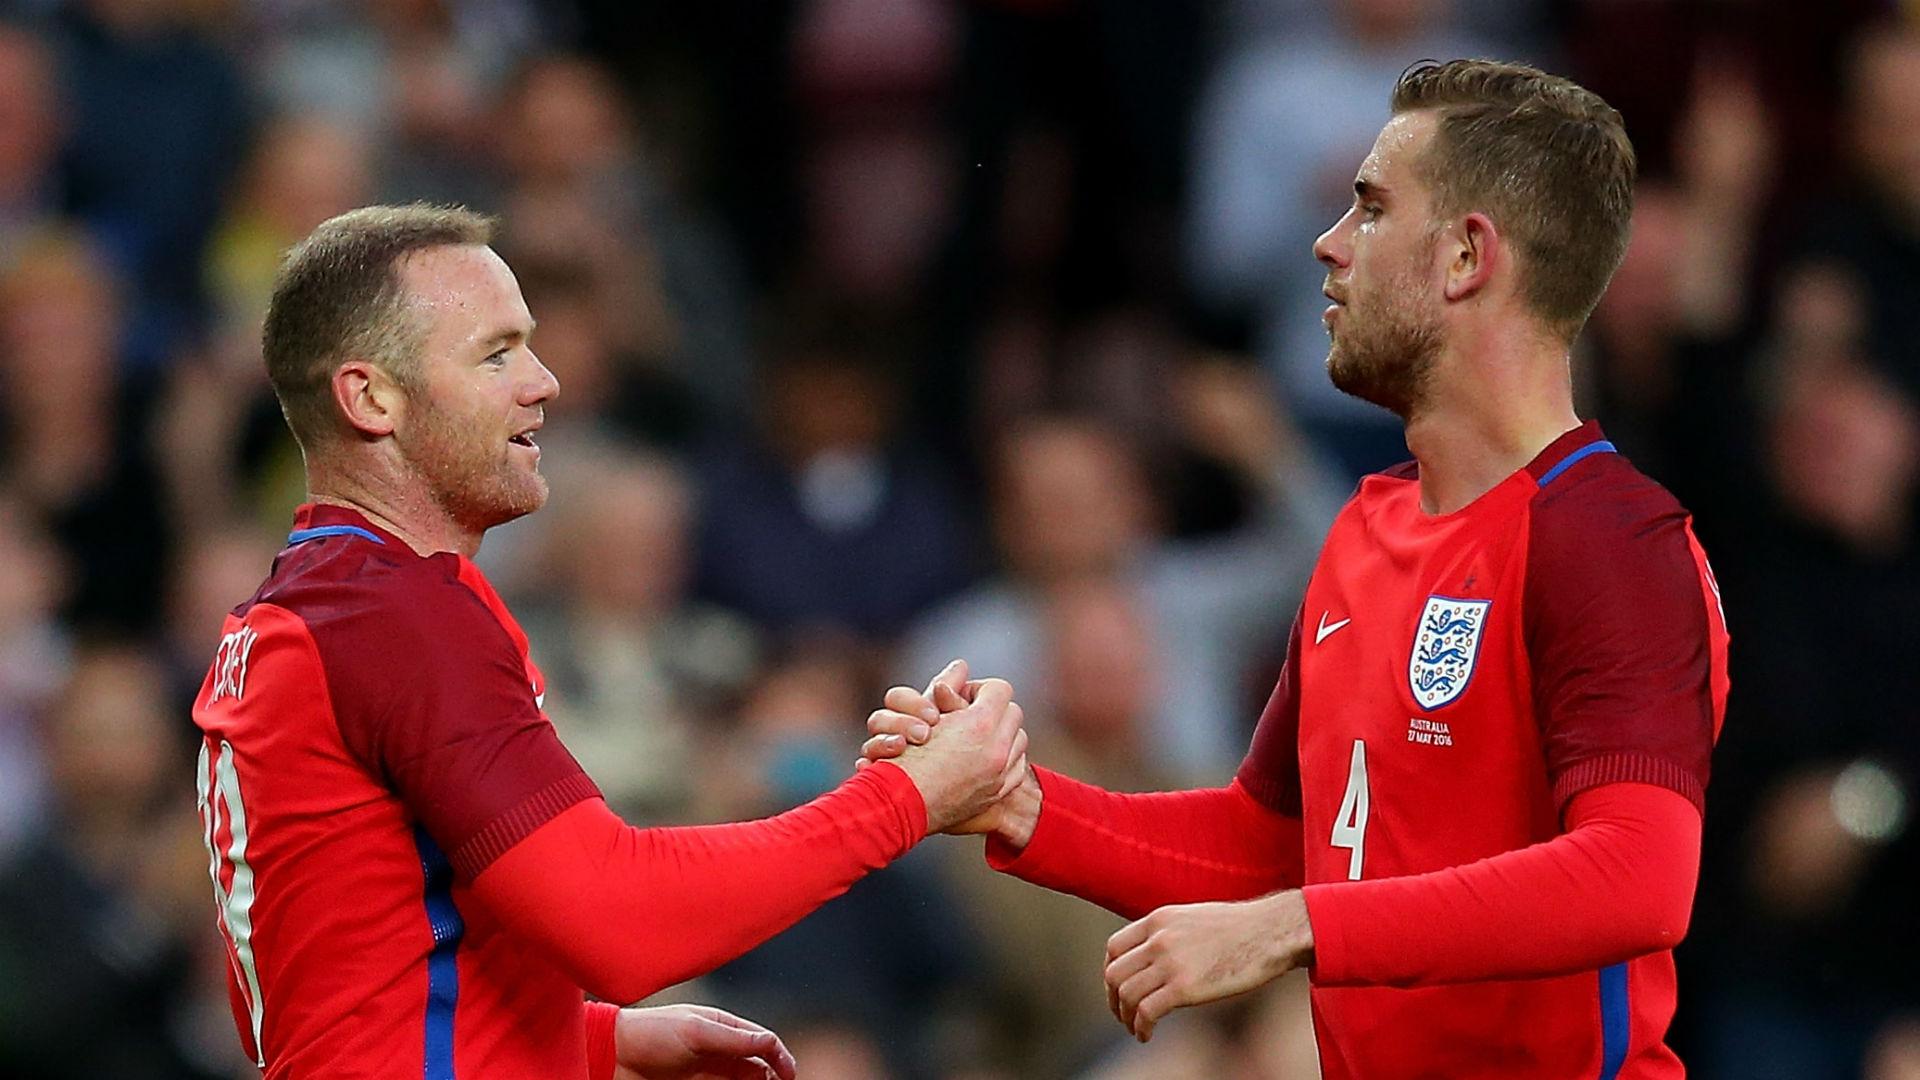 برد 2 بر 1 انگلیس برابر استرالیا در بازی دوستانه فوتبال؛ گلزنی راشفورد در اولین بازی ملی